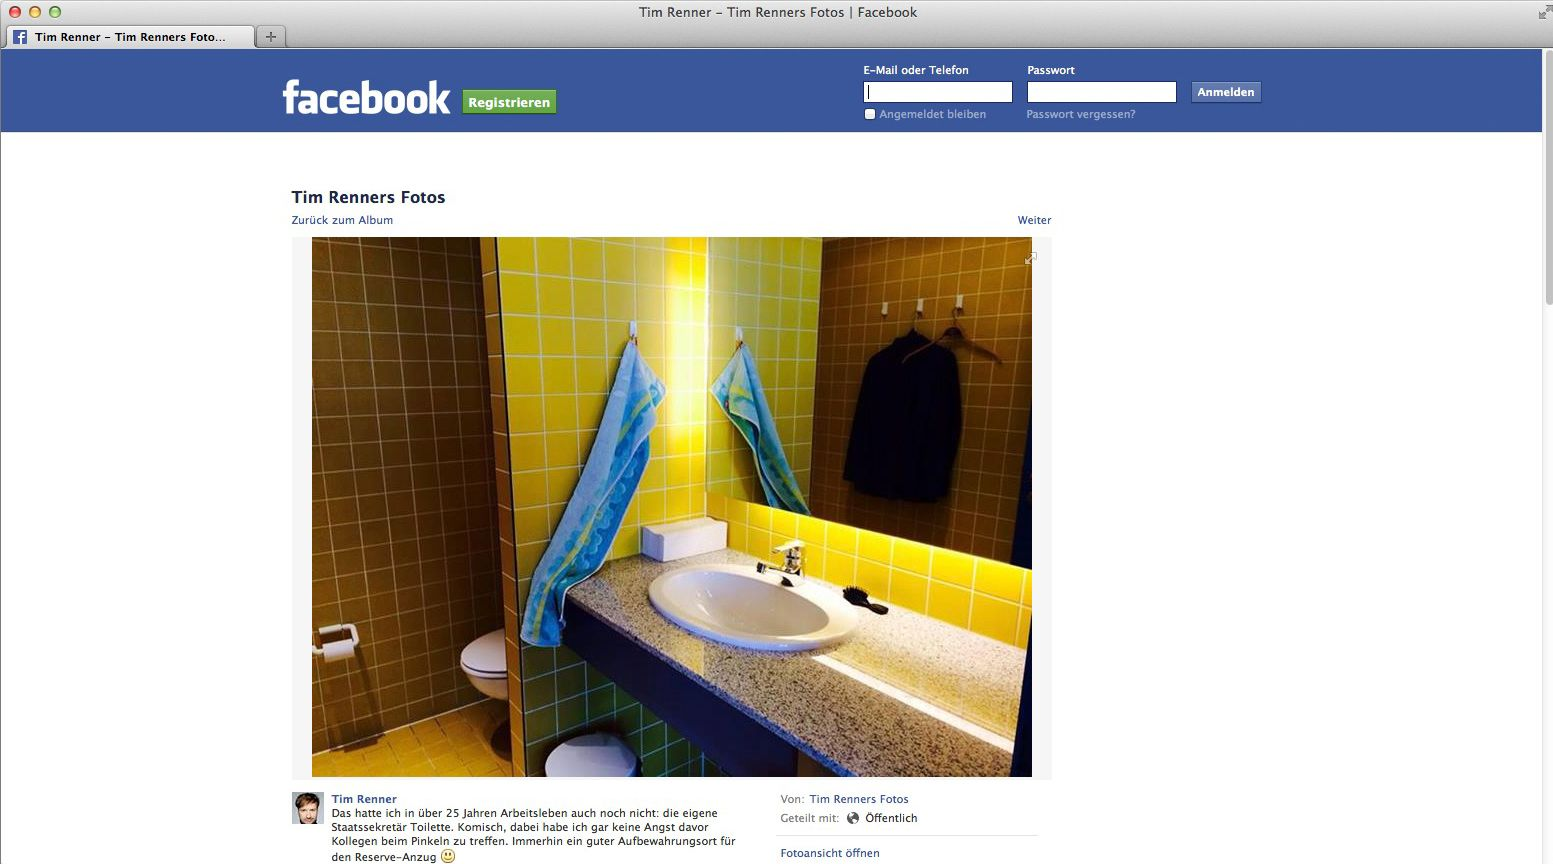 NUR ALS ZITAT Screenshot/ Tim Renner FACEBOOK